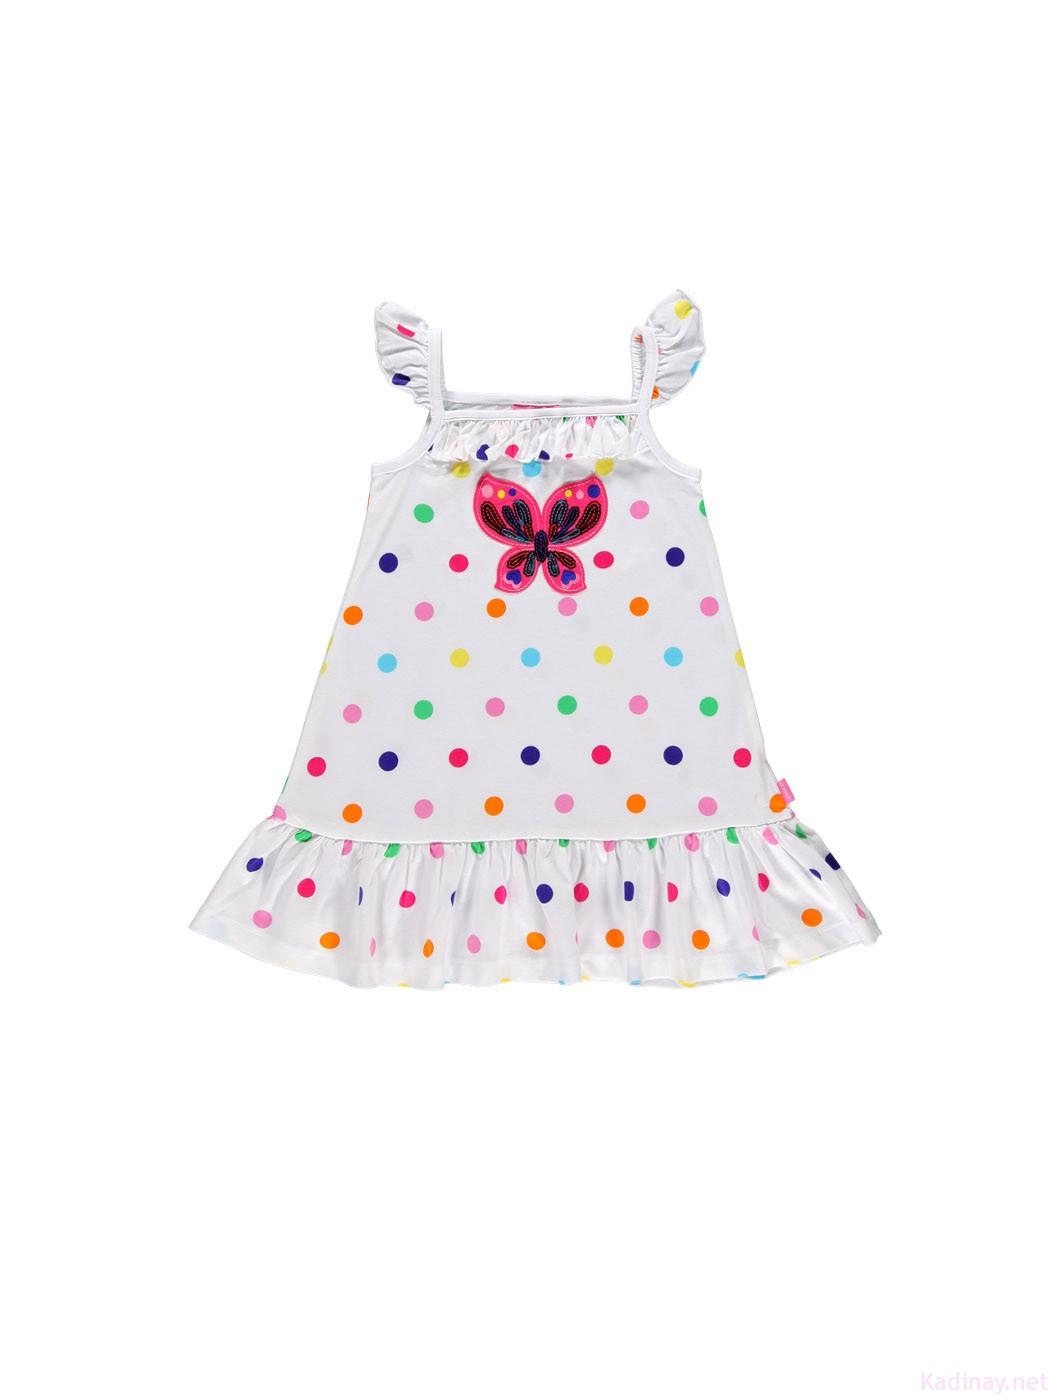 Lcwaikiki bebek elbiseleri lcwaikiki çocuk elbiseleri çocuk modası